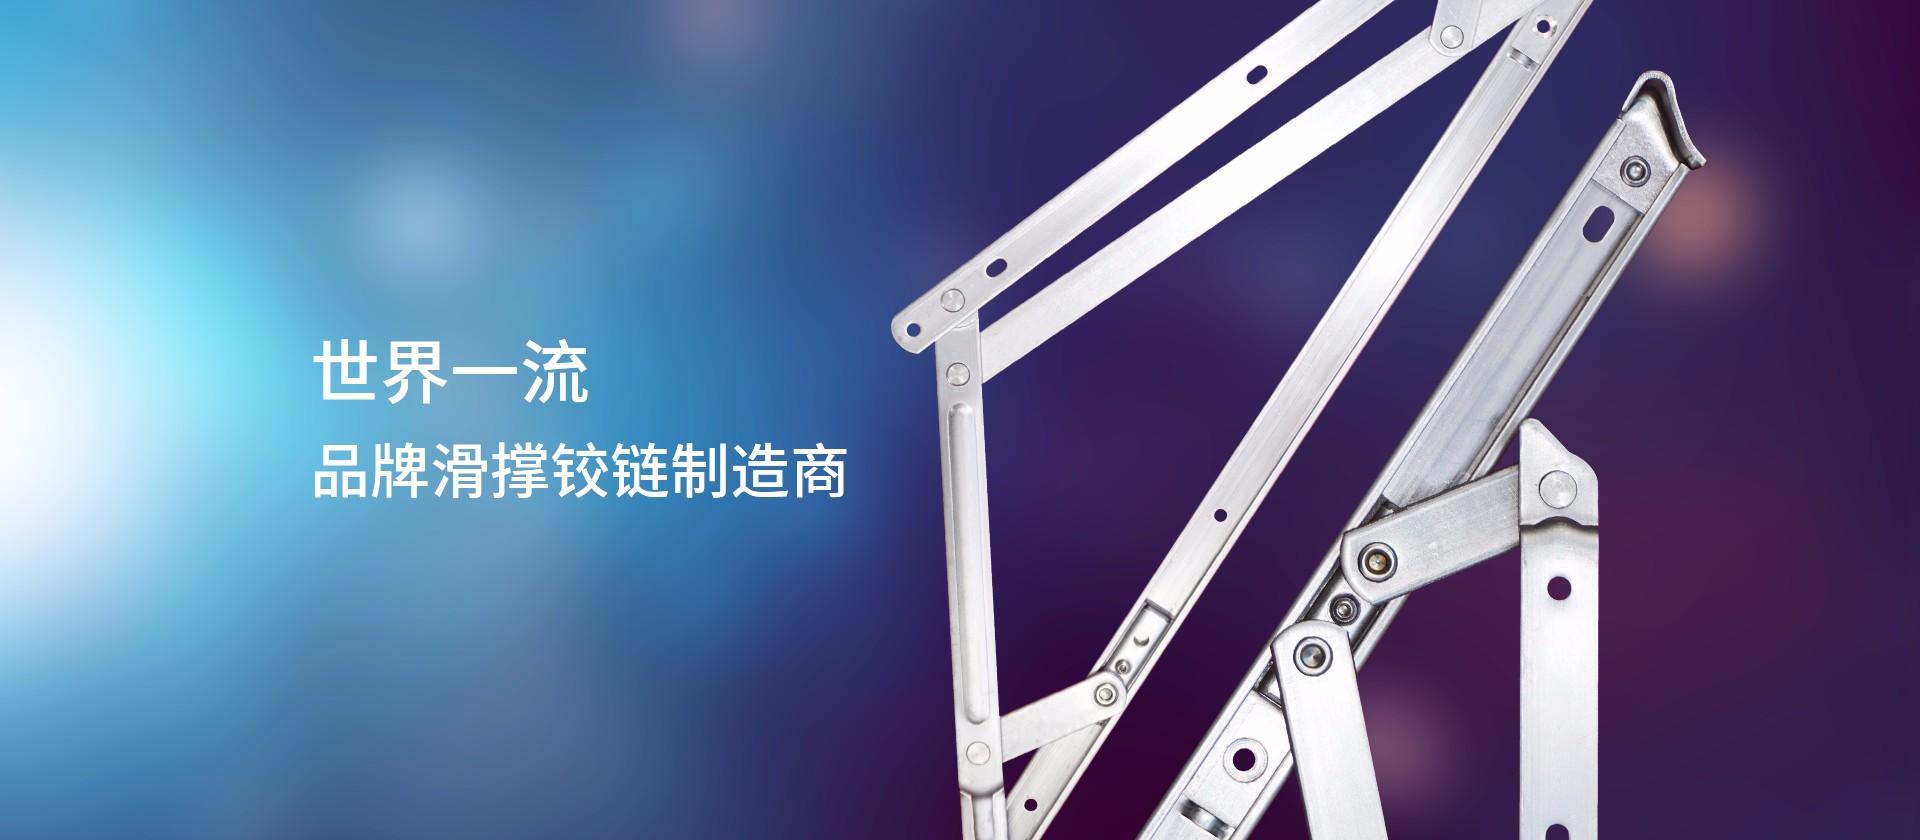 广东澳利坚五金科技有限公司